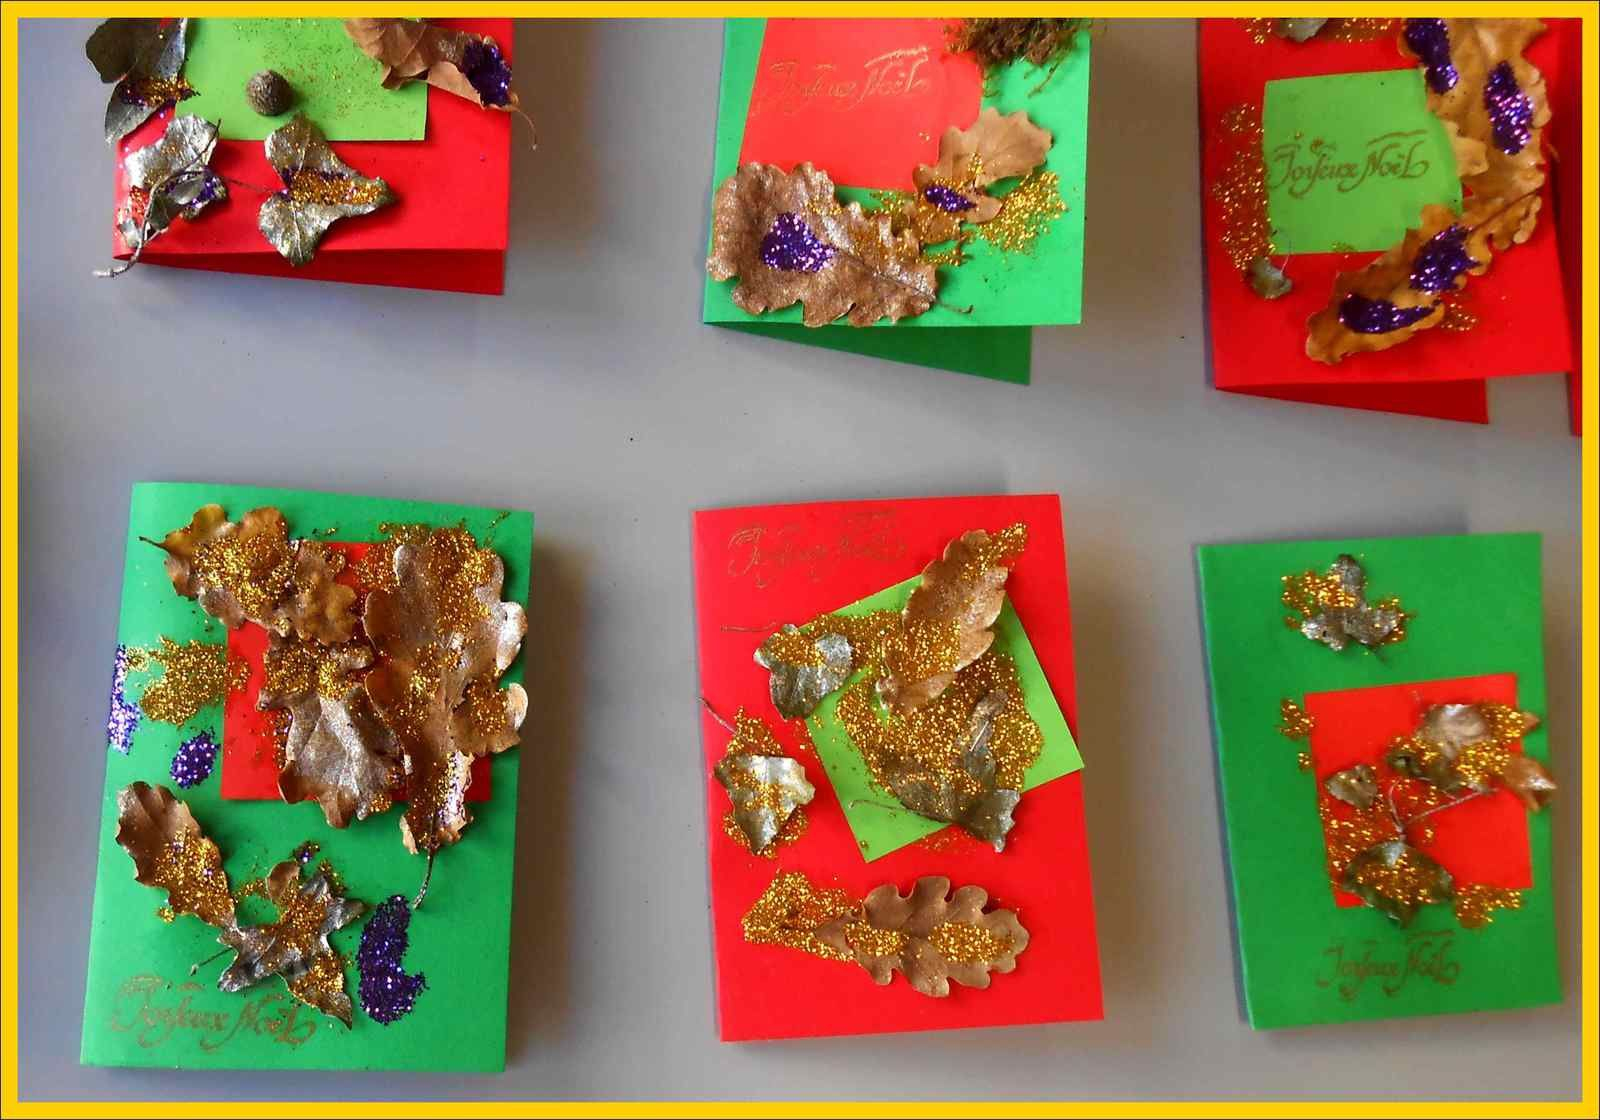 Les Cartes De Voeux (Tps Et Ps) - Ecole Saint-Pierre dedans Cartes De Noel Maternelle